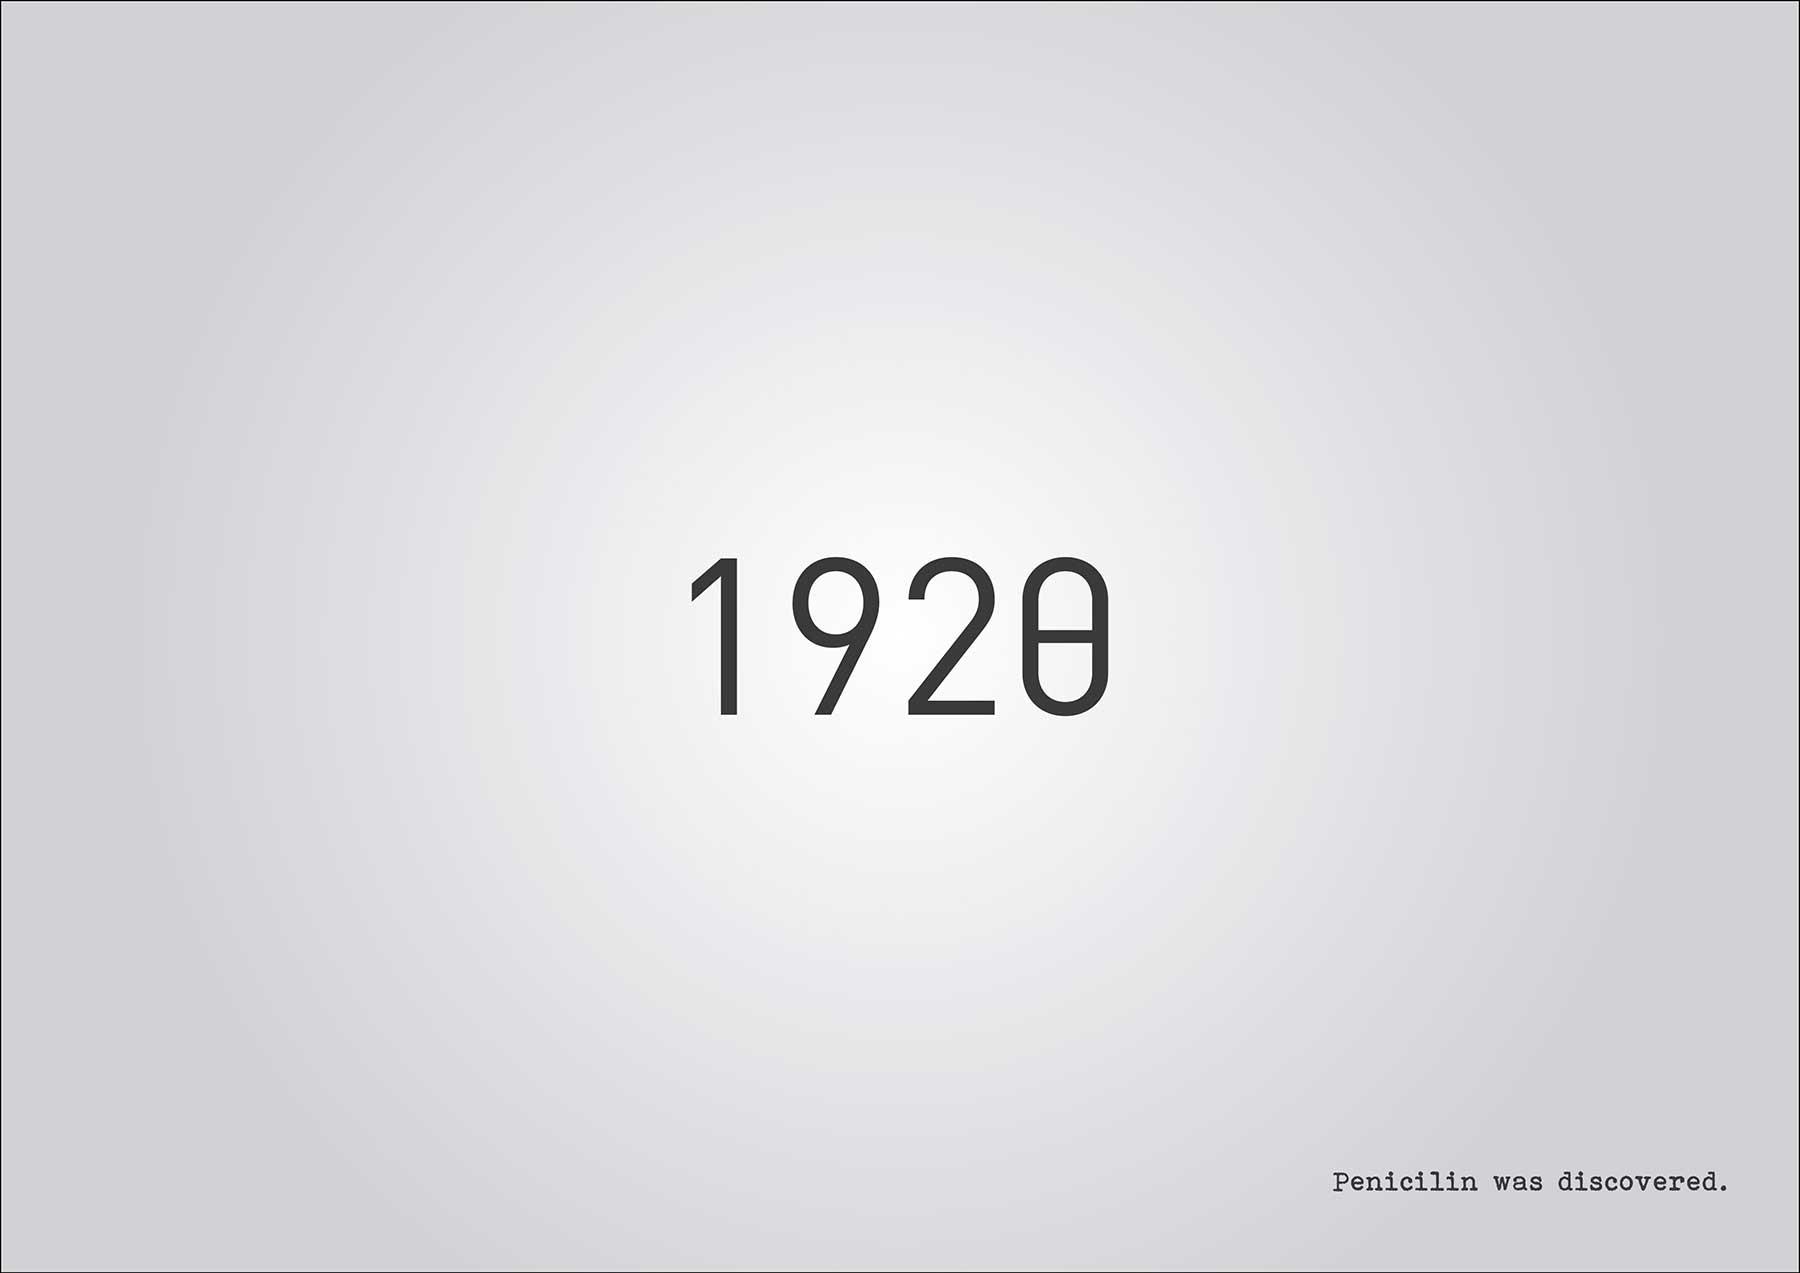 Jahreszahlen anhand ihrer Geschehnisse gestaltet Digital-Chronicles-jahreszahlen_07